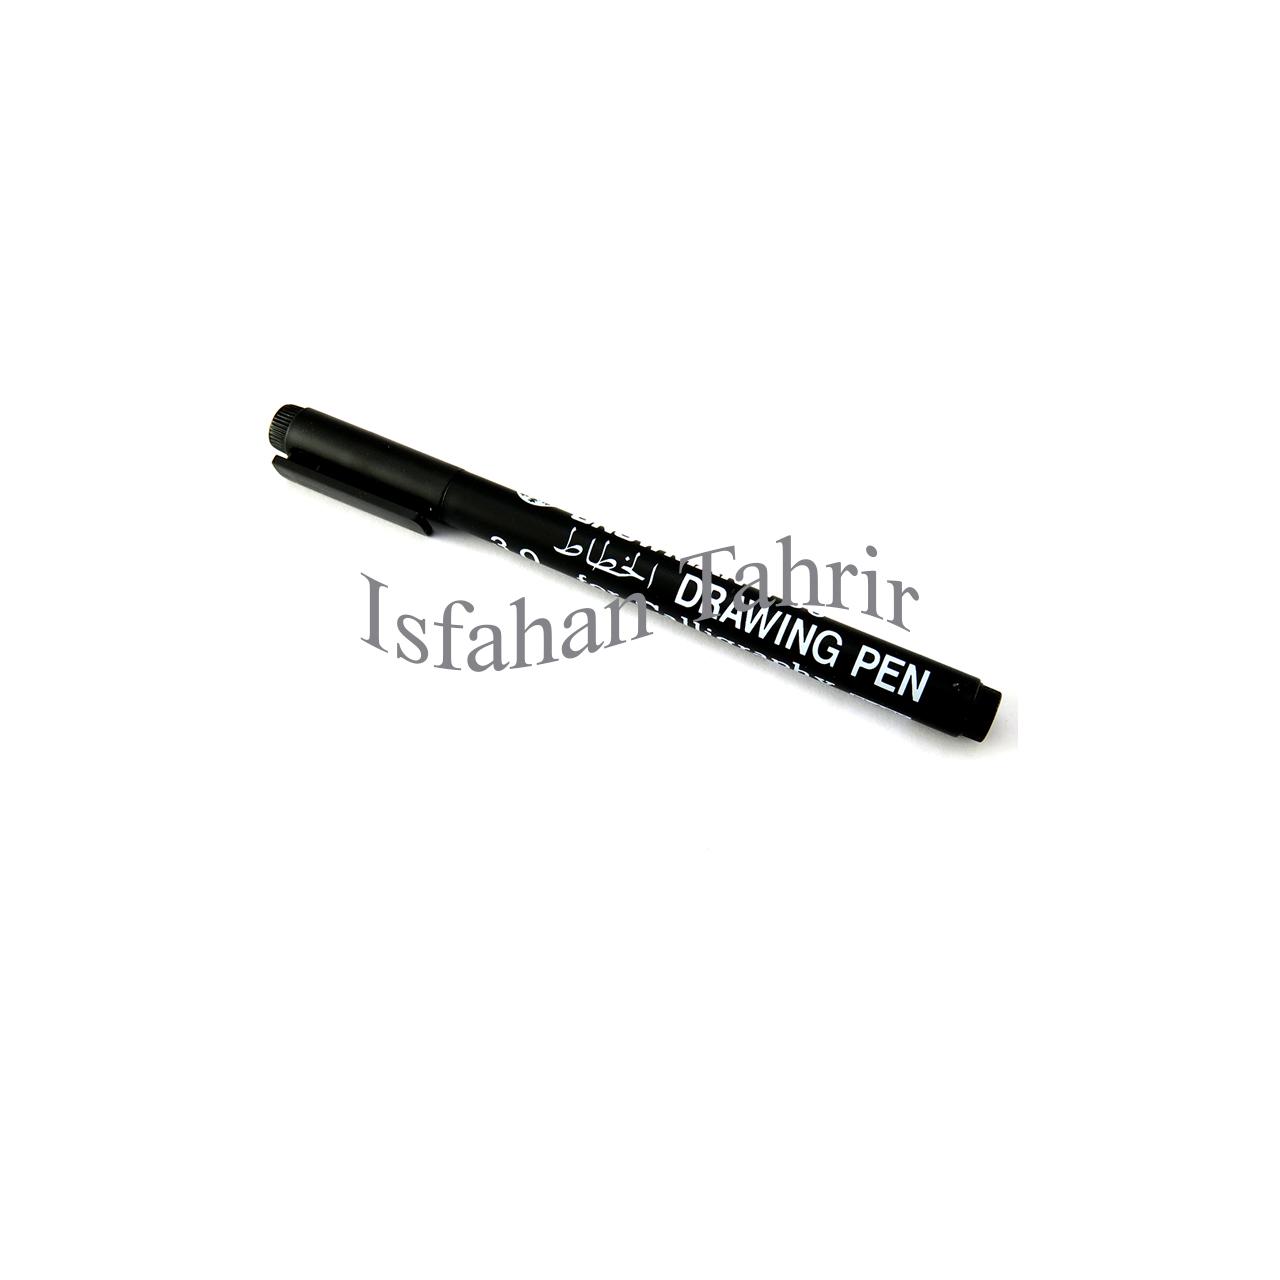 قلم الخطاط اسنومن (SNOWMAN)